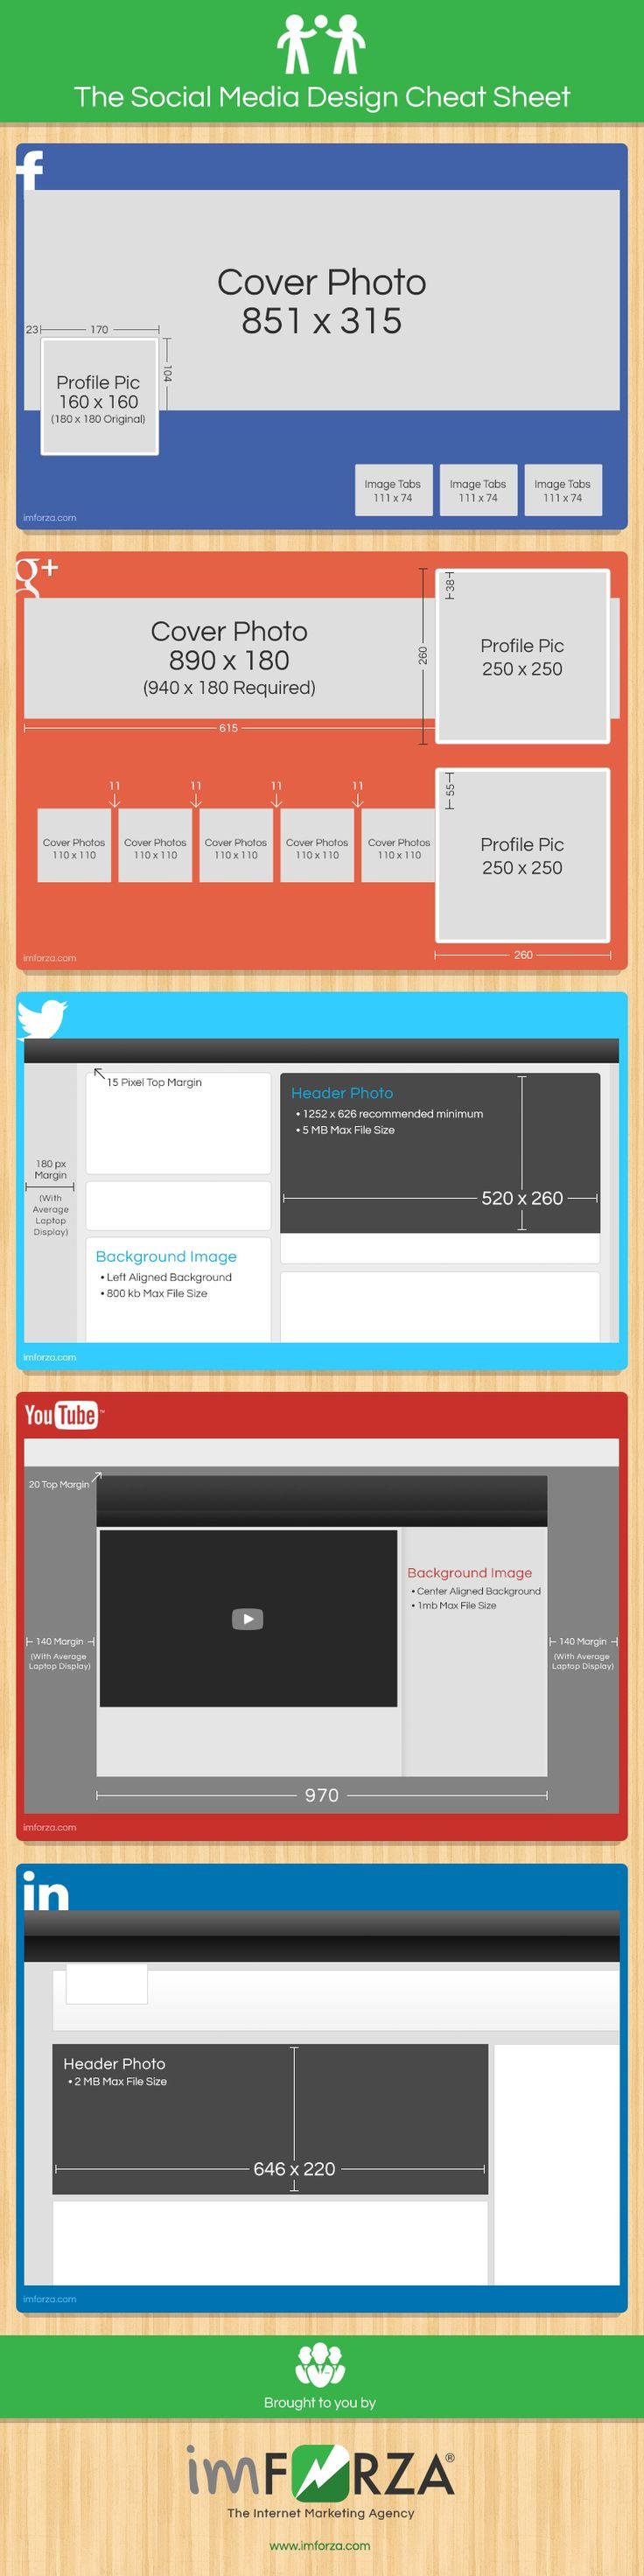 Social Media Design Cheat Sheet